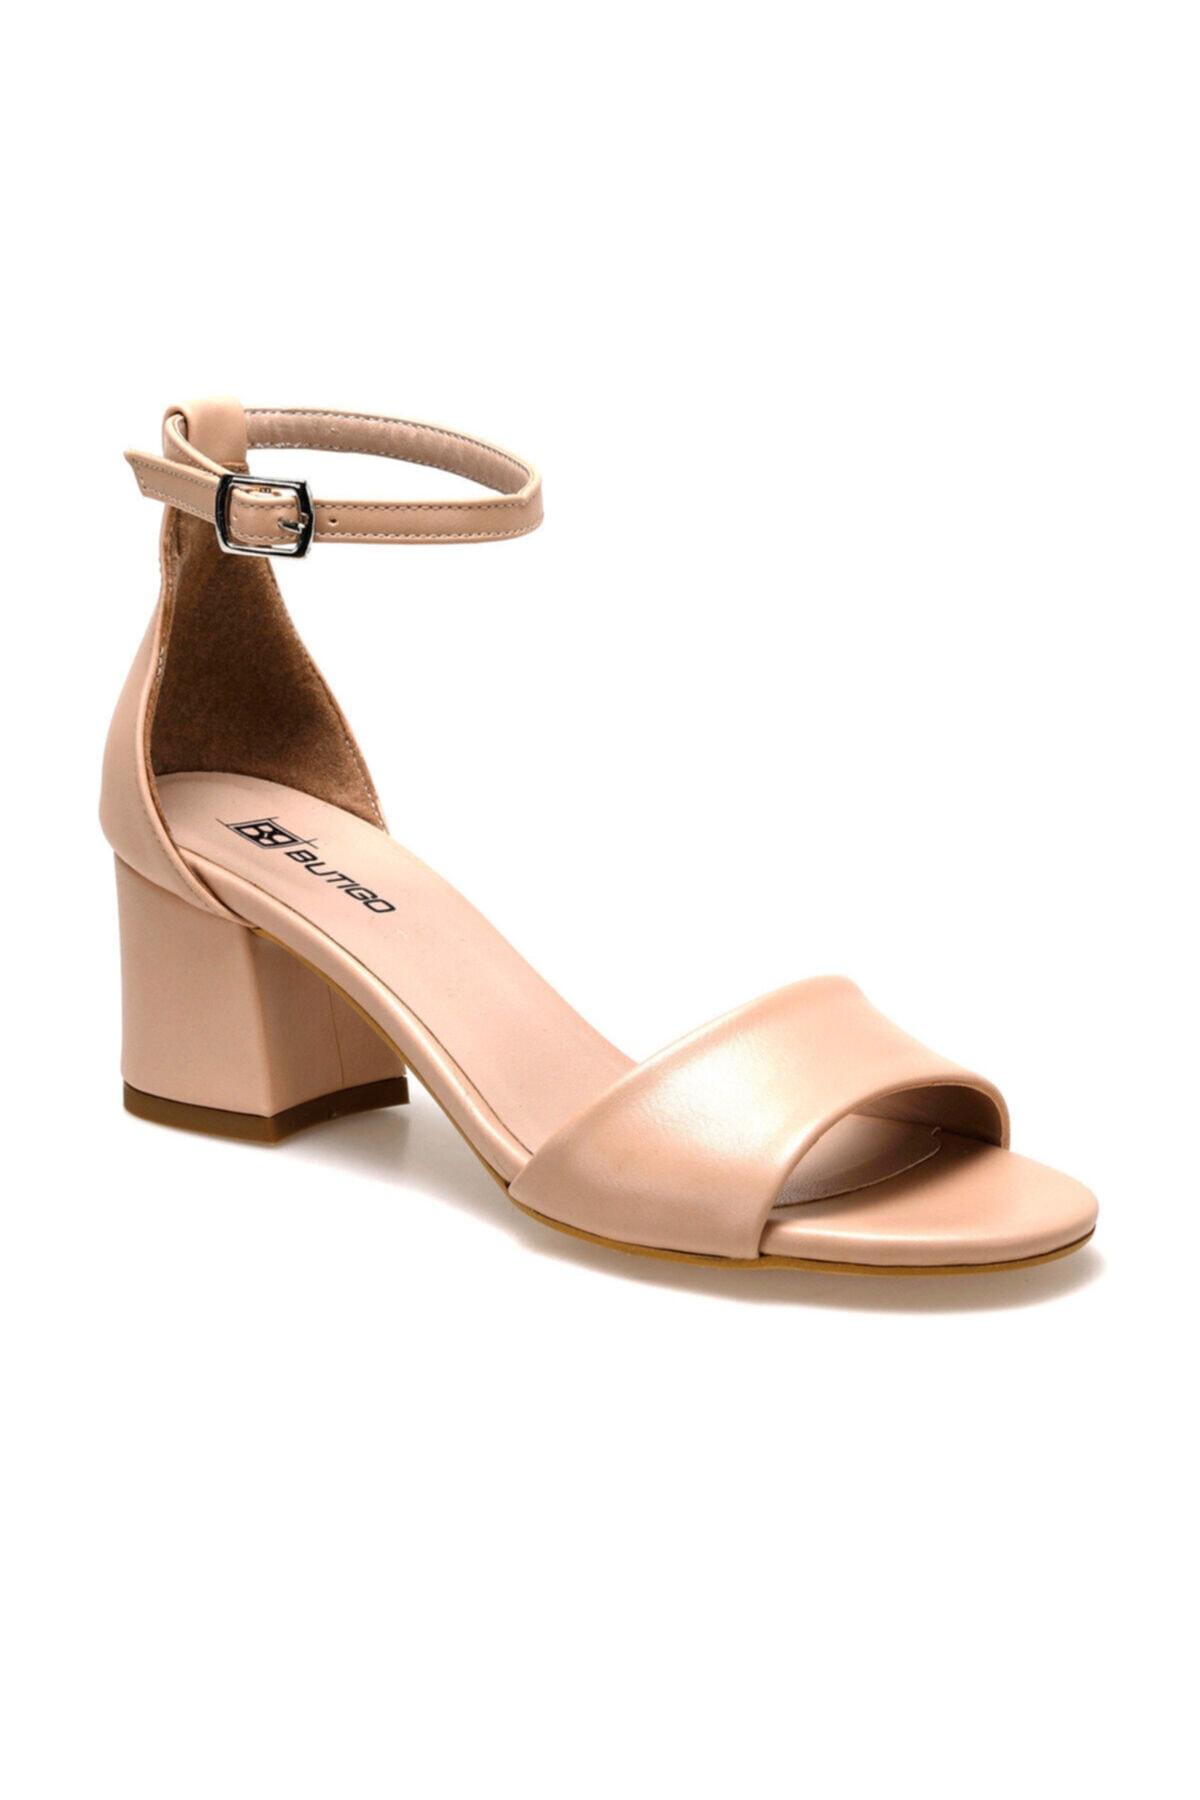 Butigo Bej Kadın Sandalet 20s-659